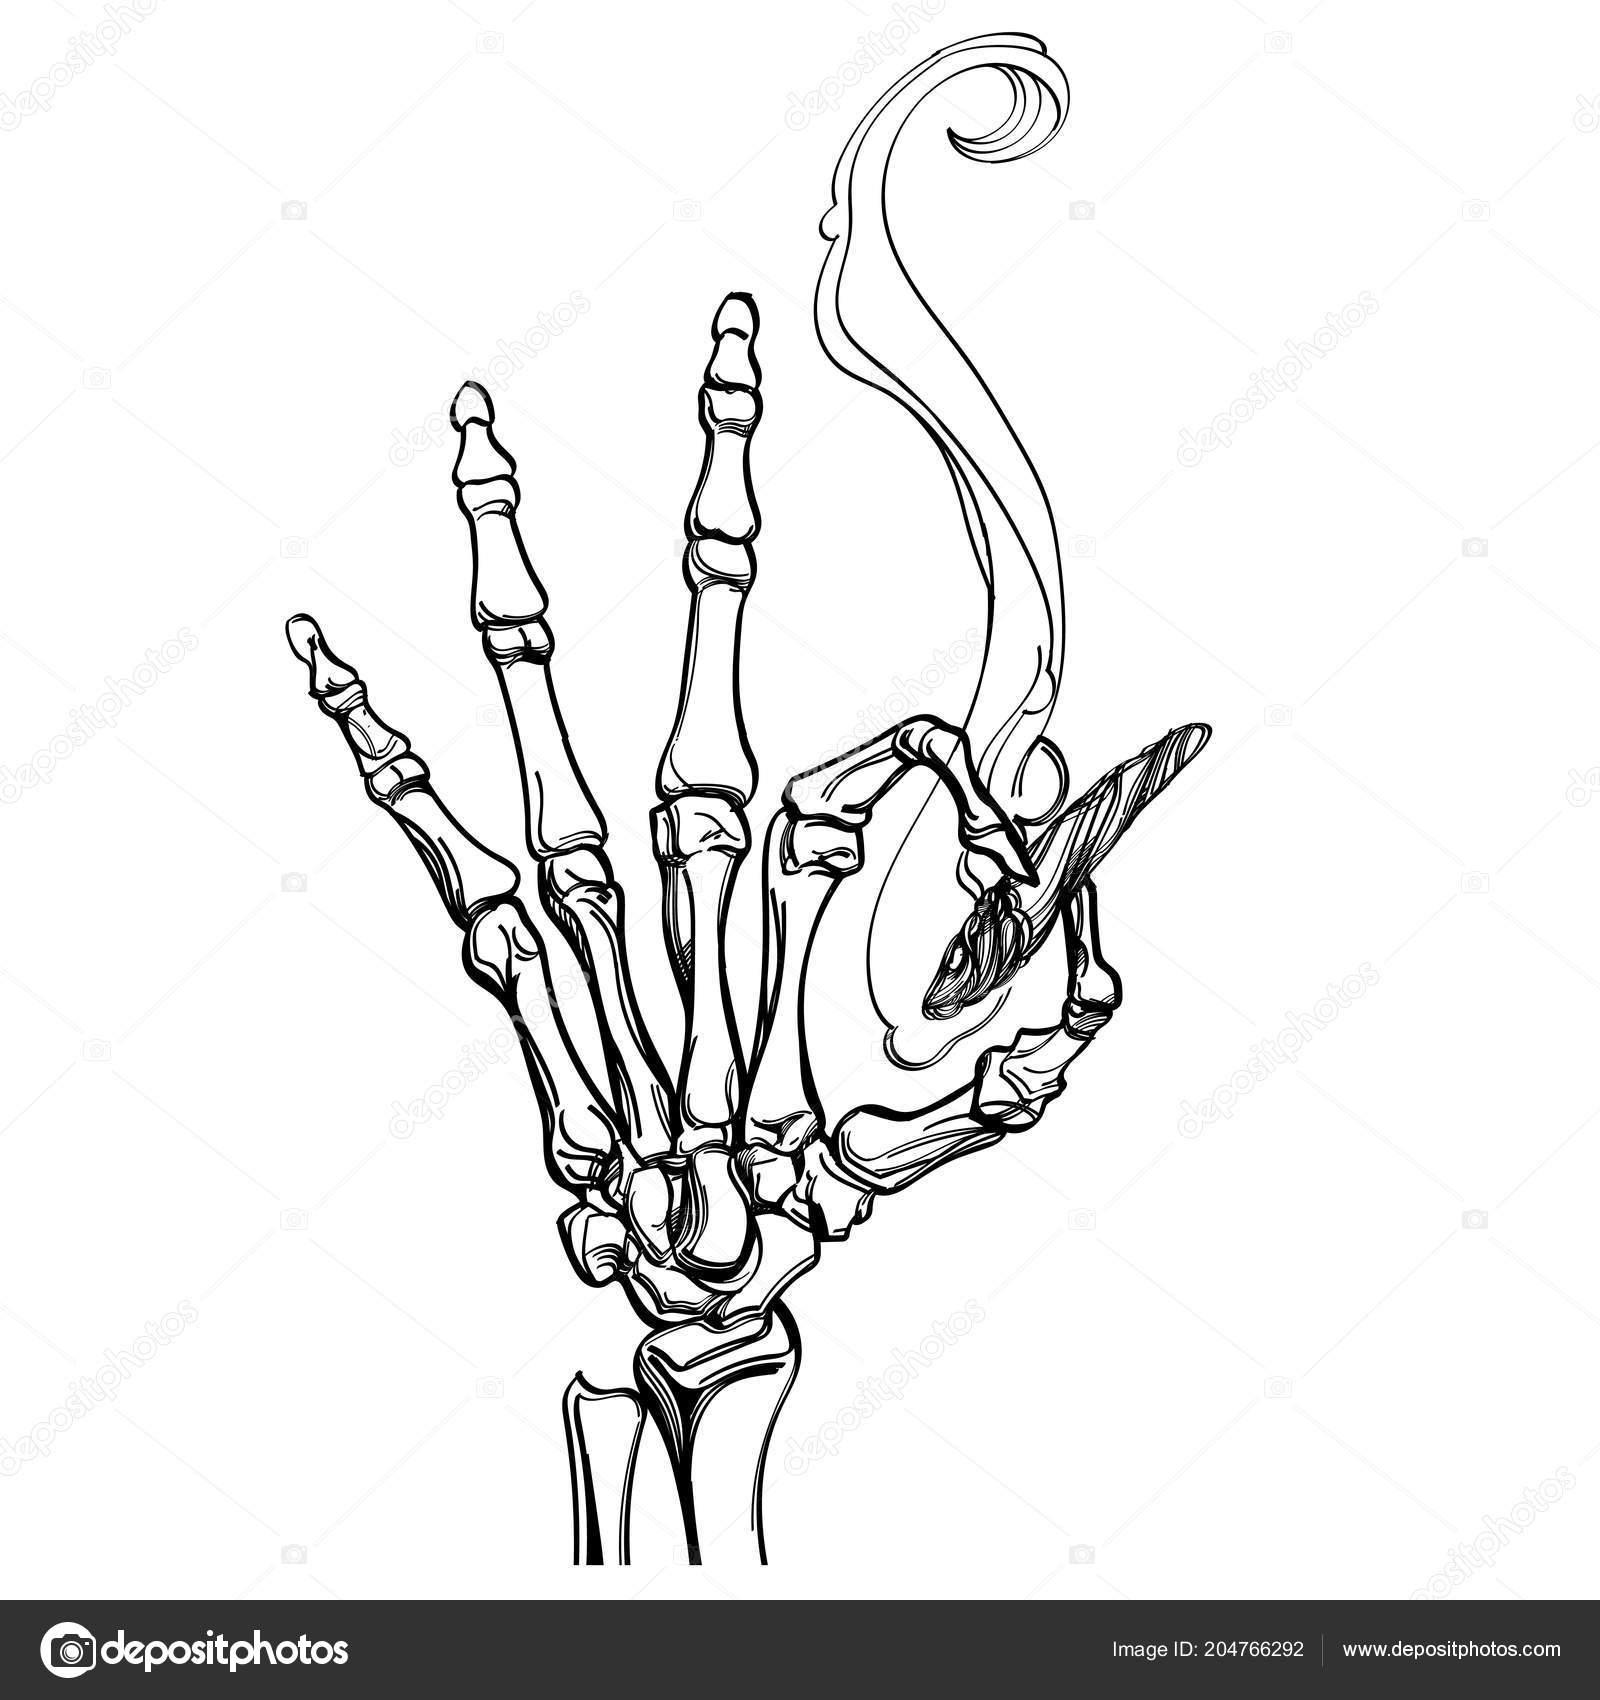 Ossa Con Sigaretta Mano Disegno Stile Vettoriali Stock Filkusto